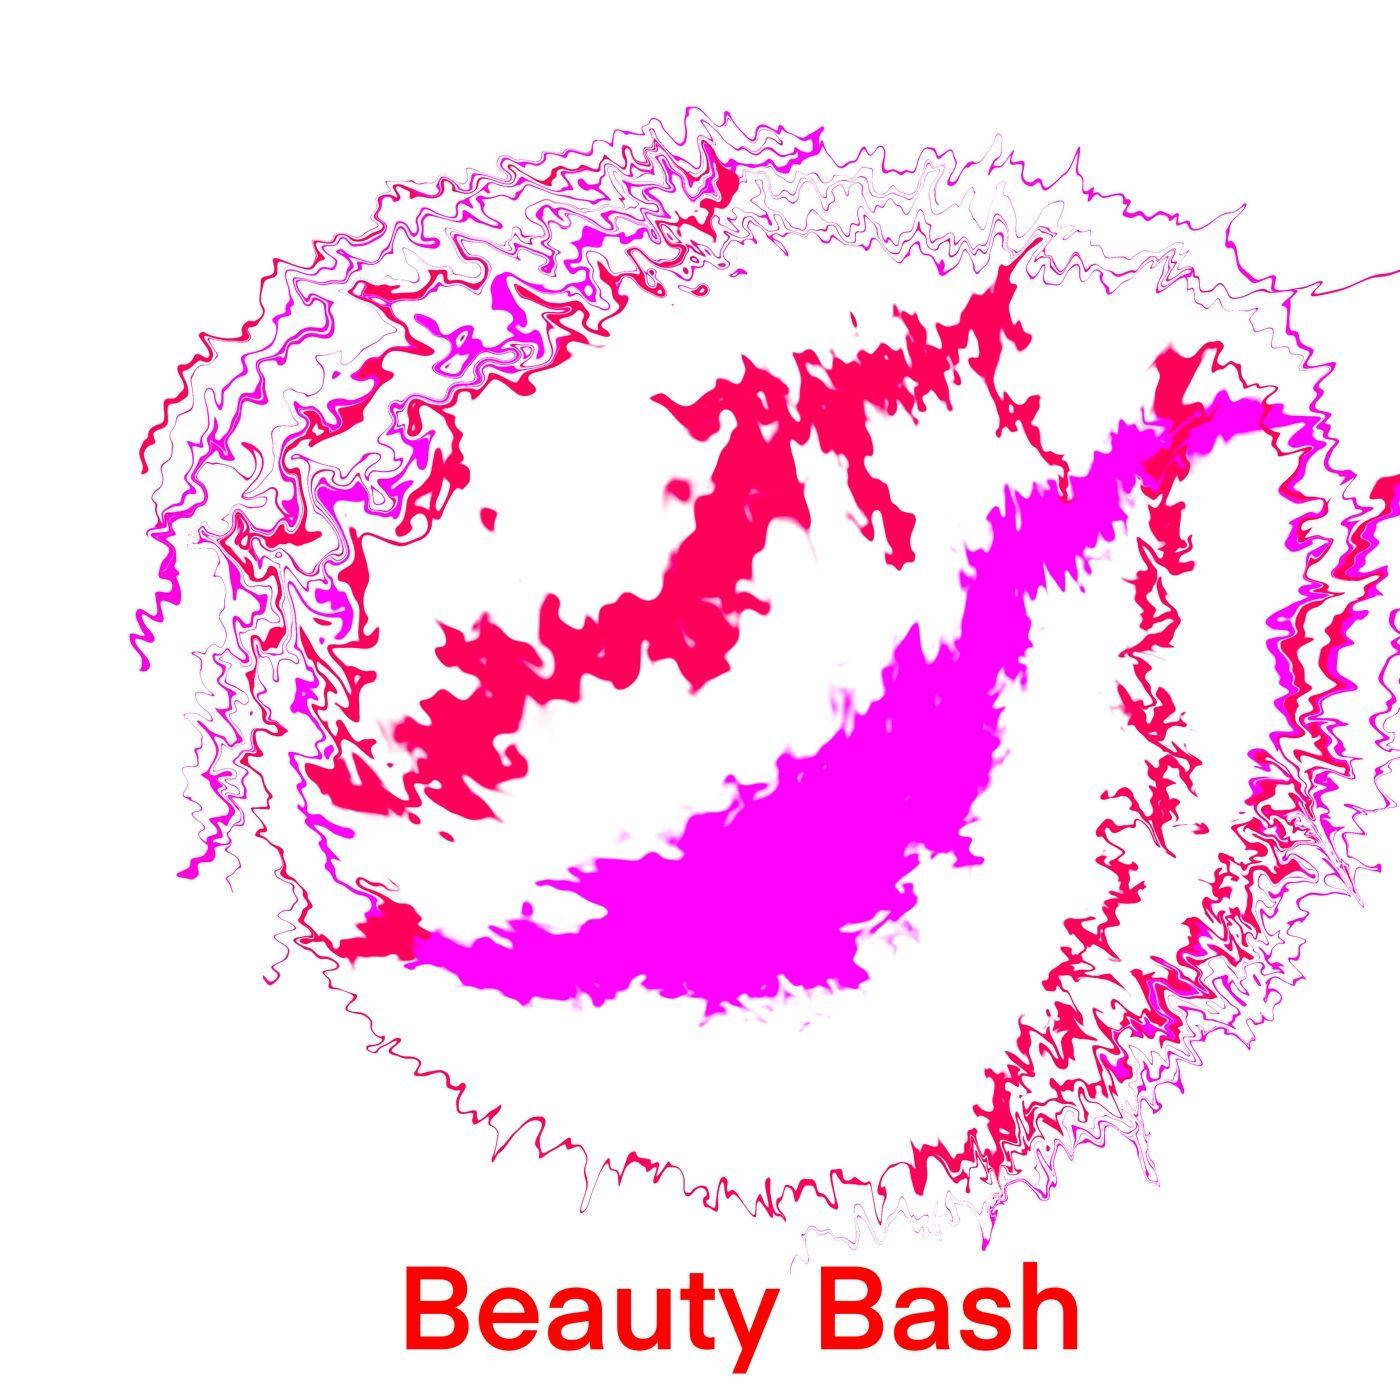 Beauty Bash